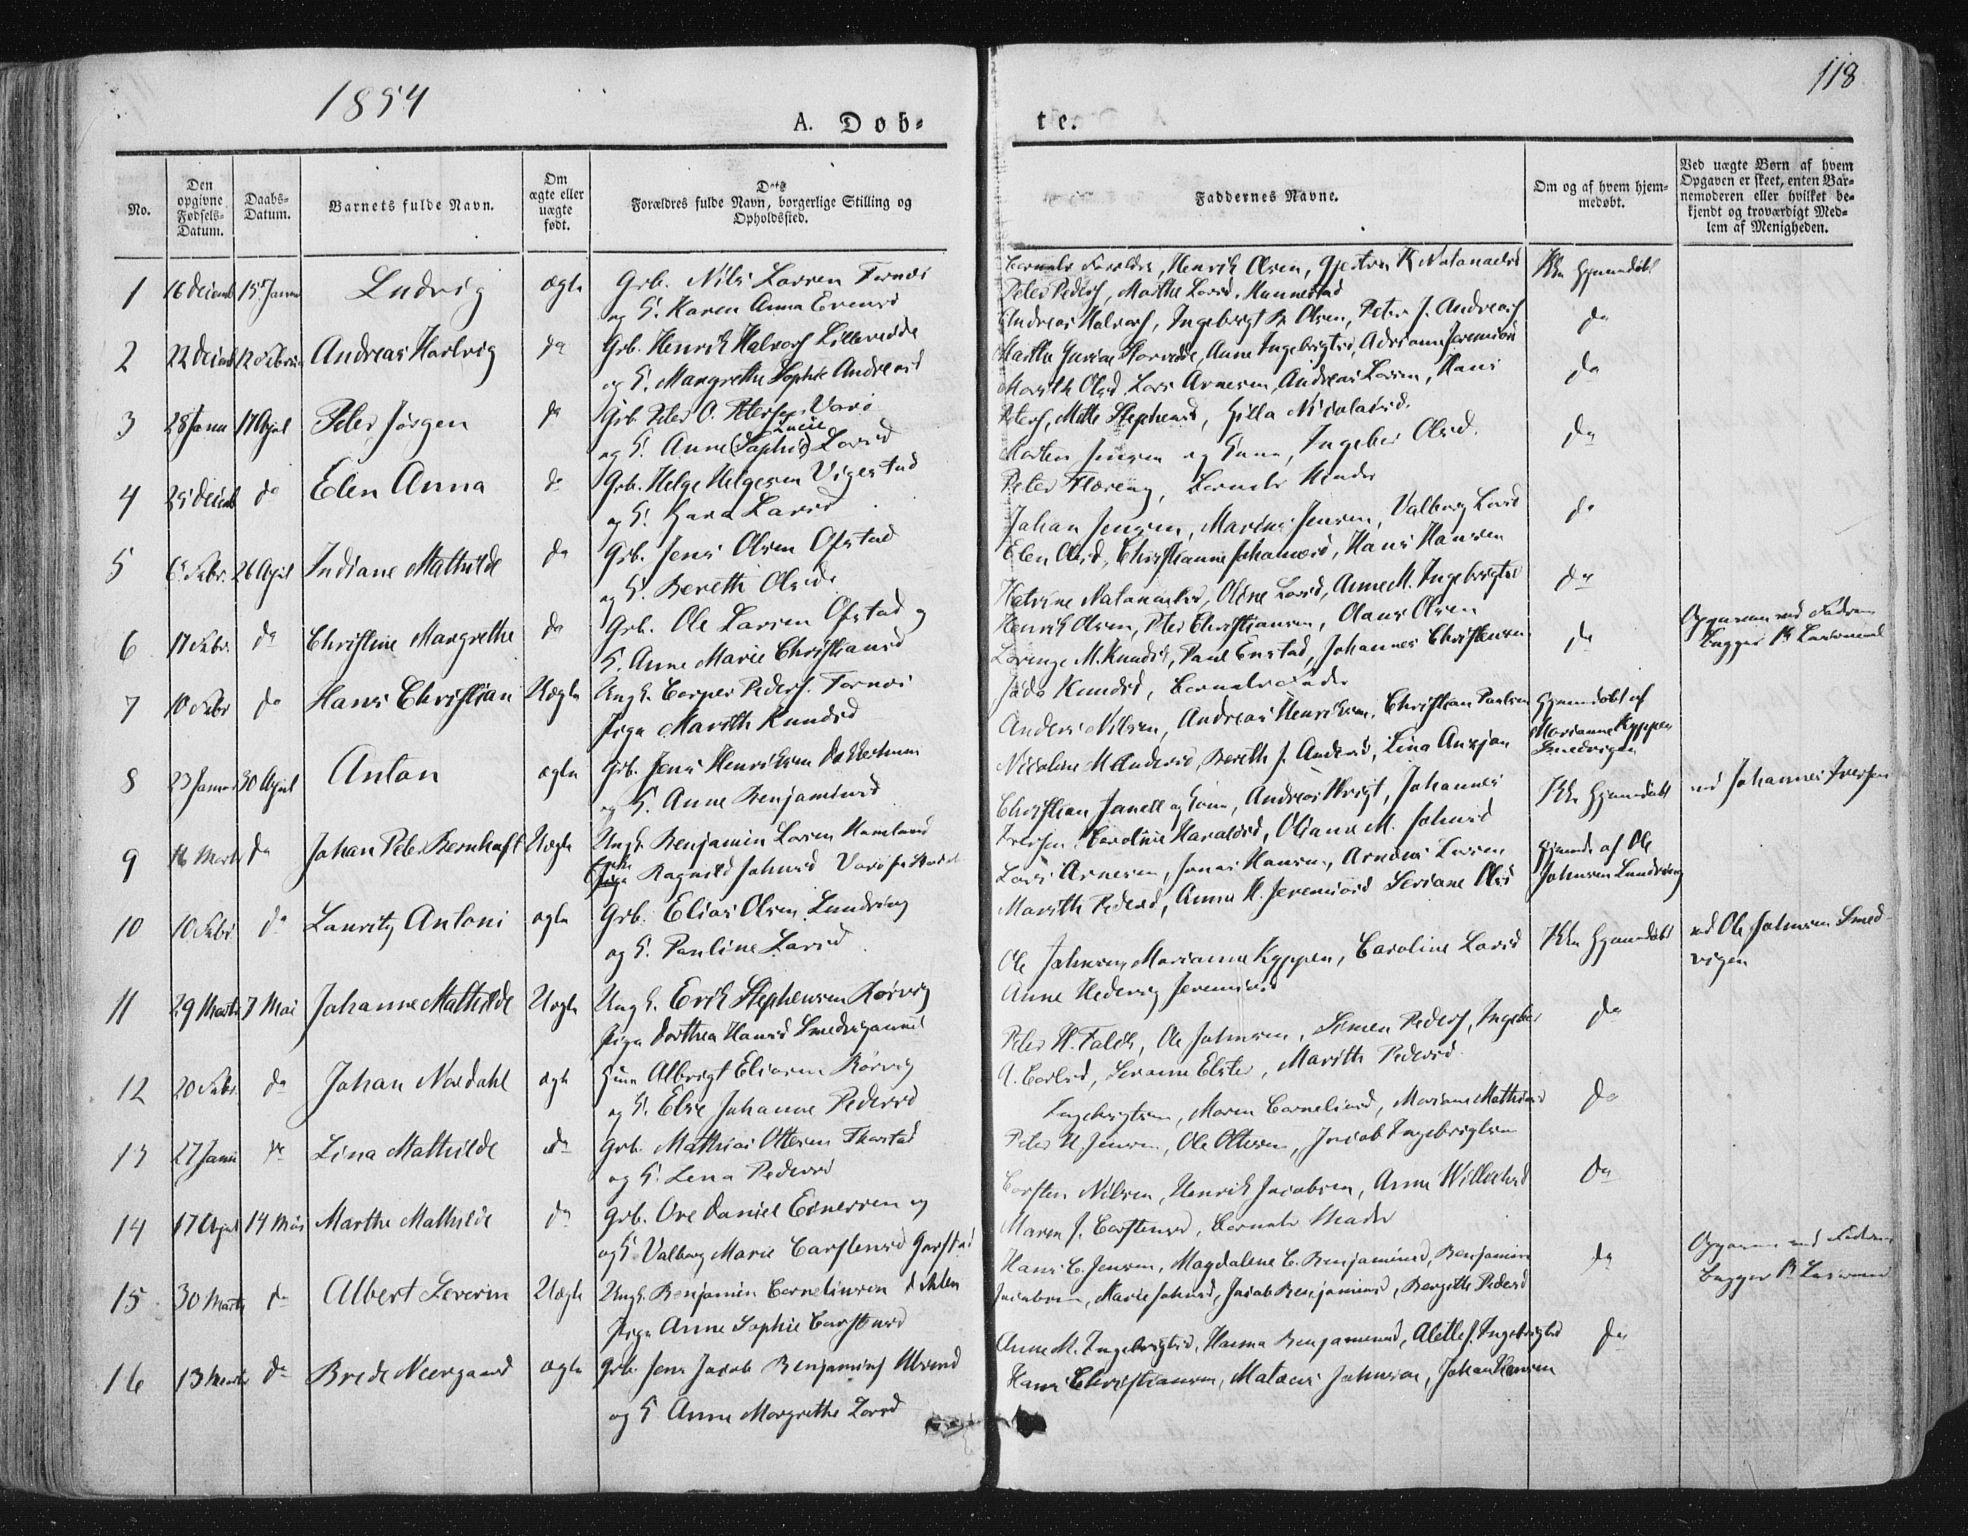 SAT, Ministerialprotokoller, klokkerbøker og fødselsregistre - Nord-Trøndelag, 784/L0669: Ministerialbok nr. 784A04, 1829-1859, s. 118